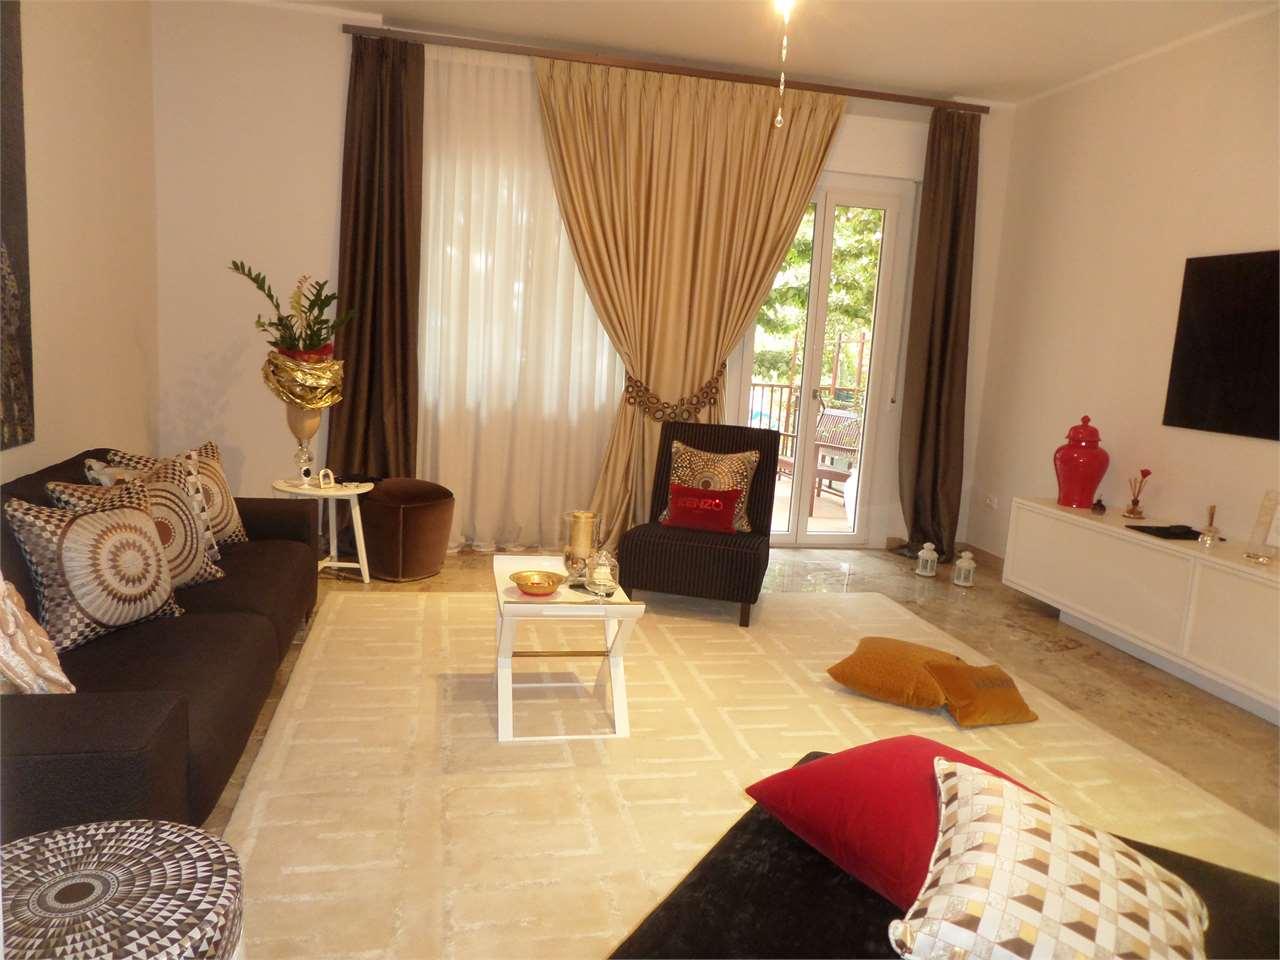 Appartamento in vendita a Ravenna, 5 locali, zona Zona: Gallery, prezzo € 335.000 | CambioCasa.it